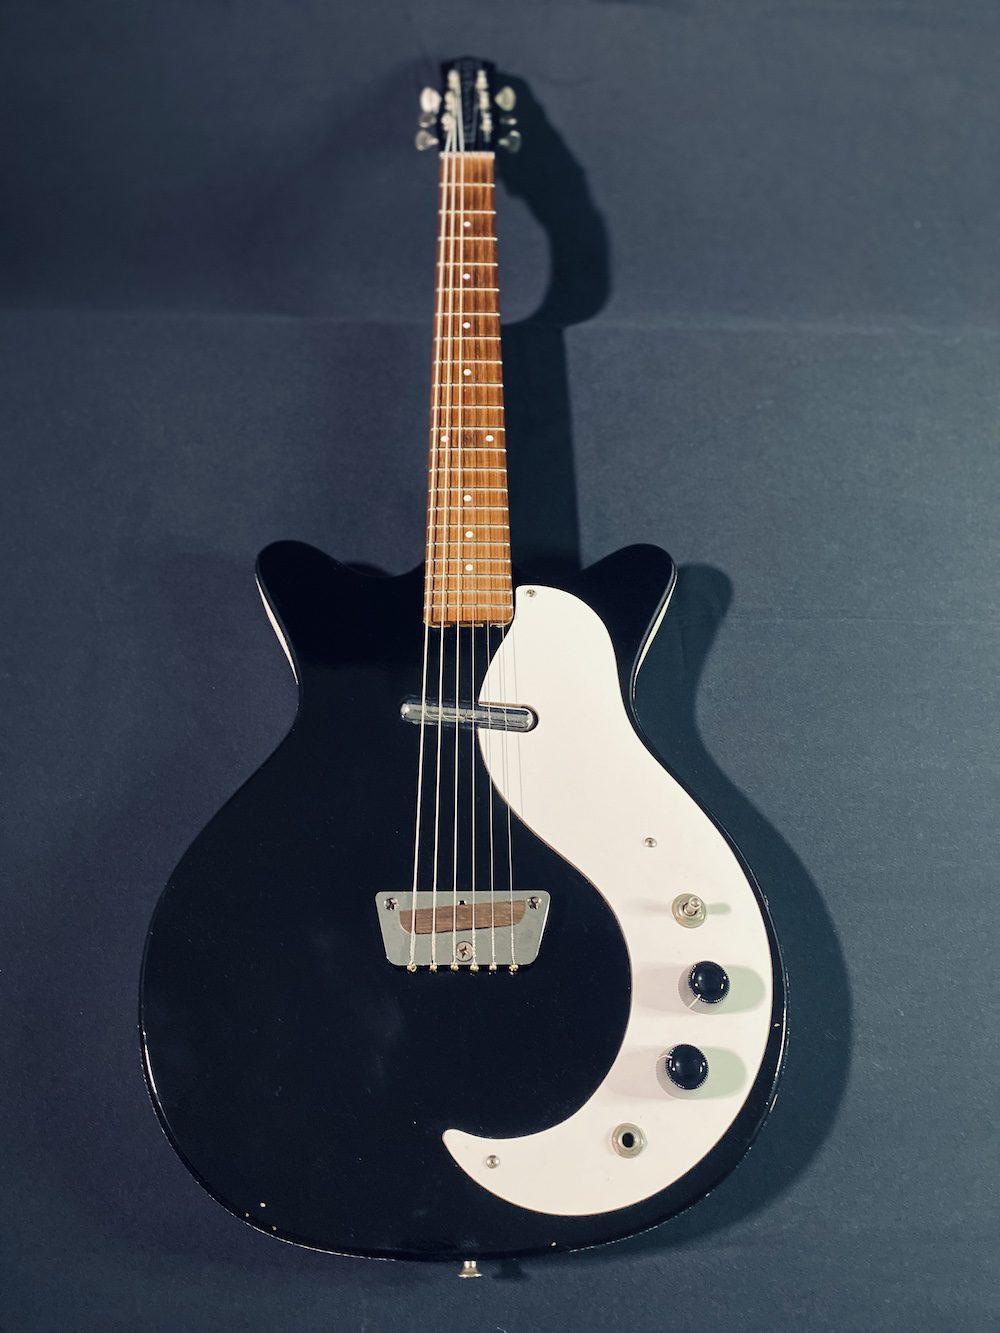 1959 Danelectro Shorthorn Vintage Guitar 04